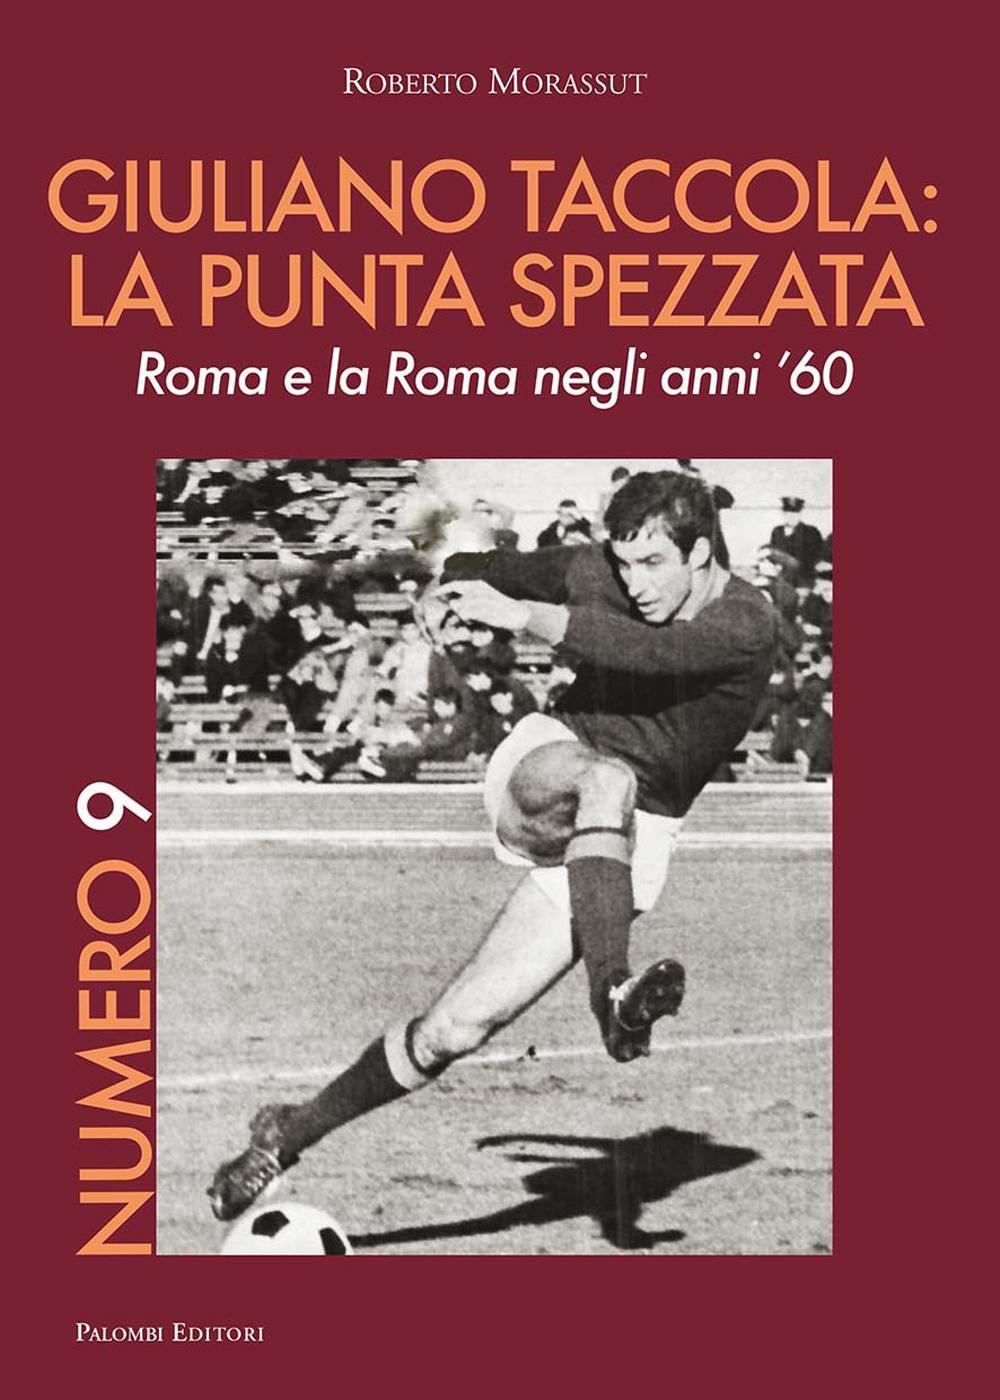 Image of Numero 9. Giuliano Taccola: la punta spezzata. Roma e la Roma negli anni '60